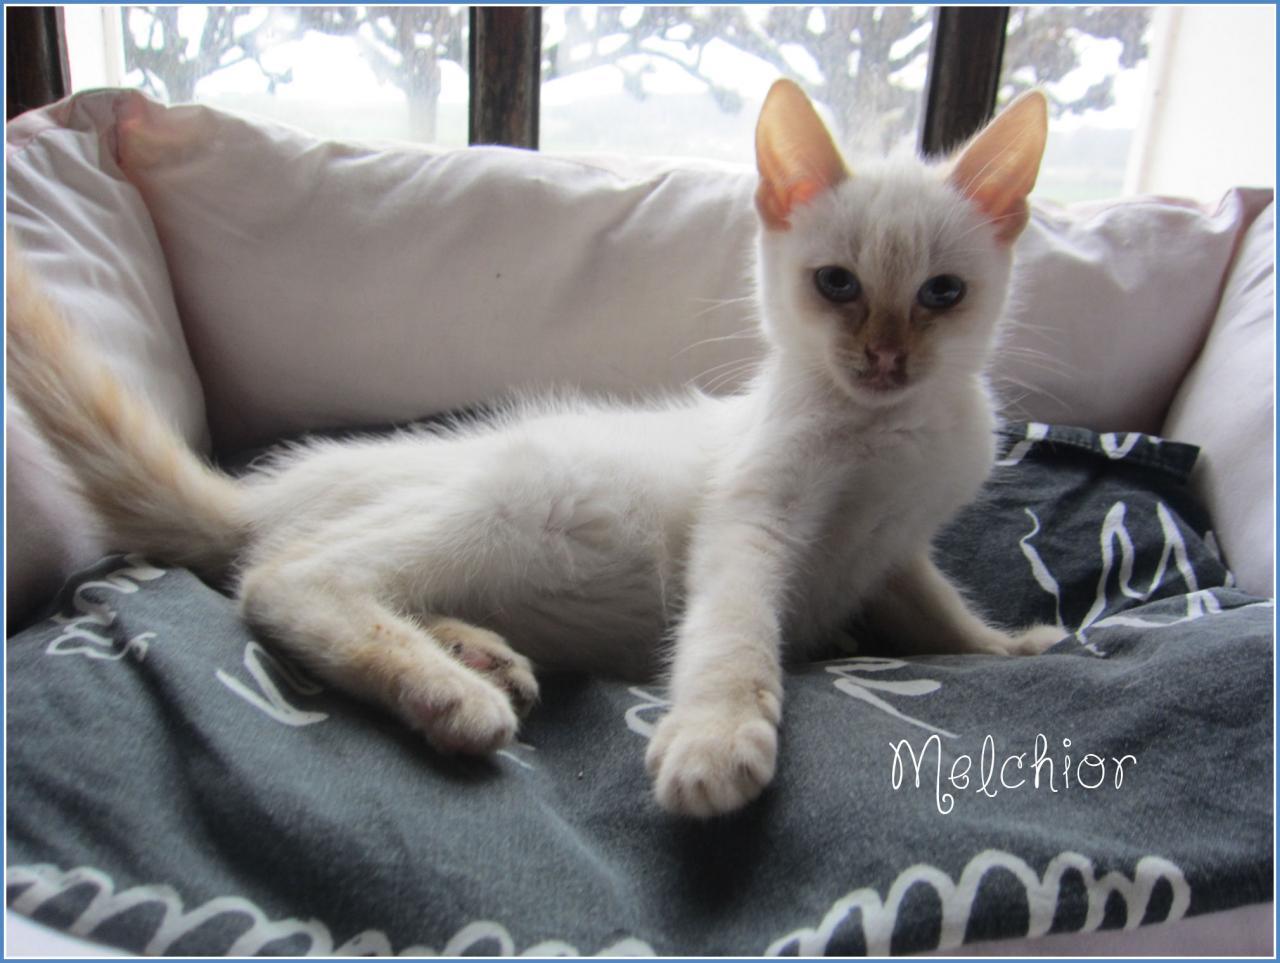 MELCHIOR - M - Né le 25/10/2015 - Adopté en janvier 2016